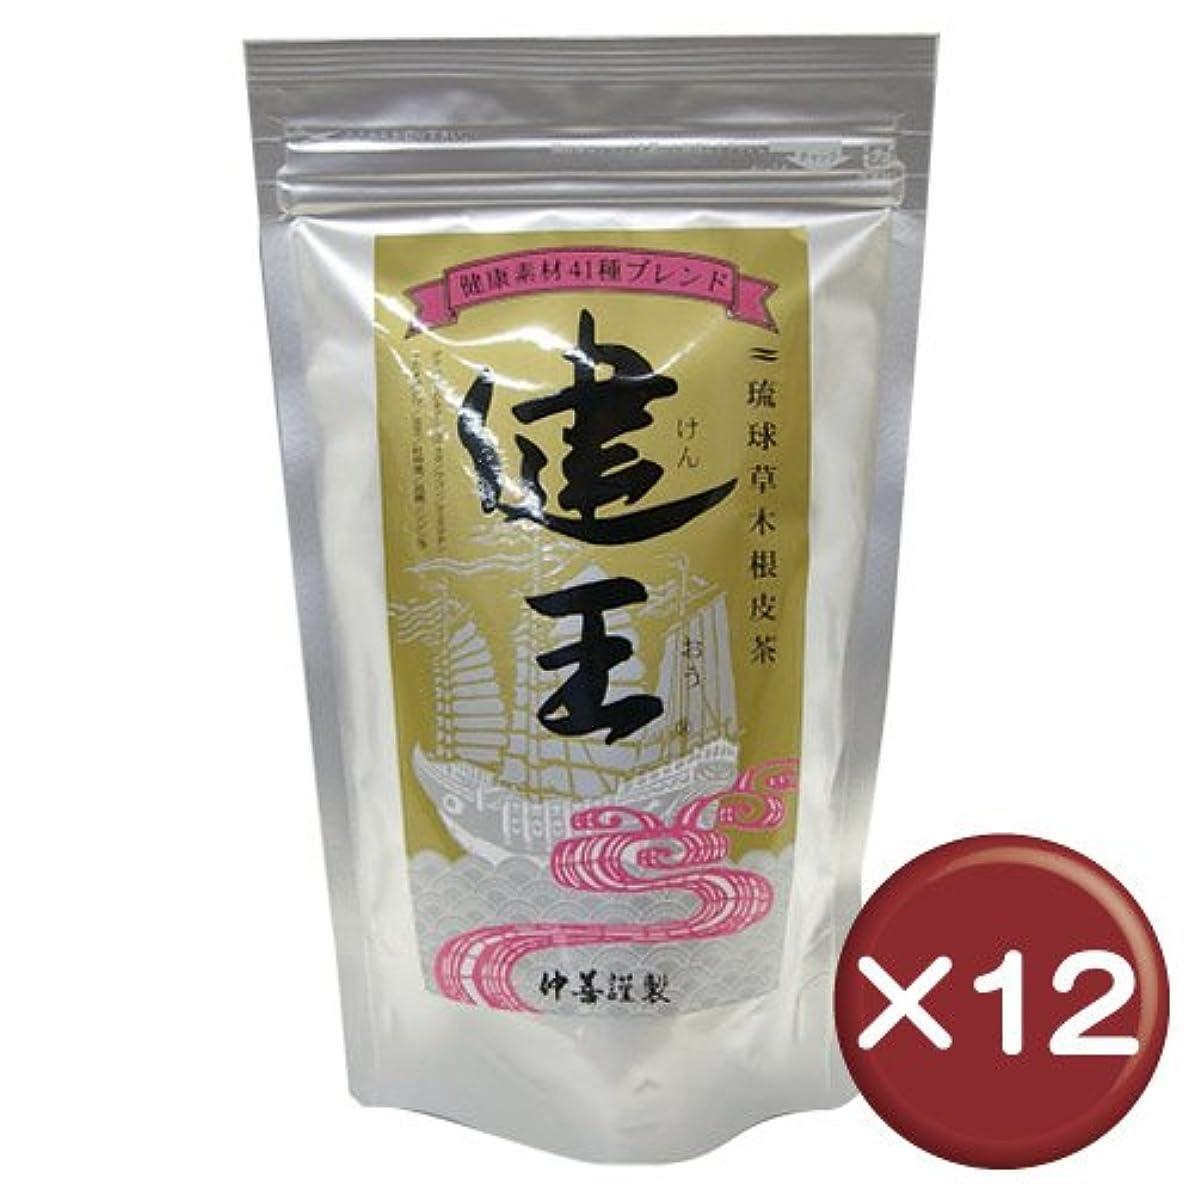 絶縁するハンディペンス琉球草木根皮茶 健王 ティーバッグ 2g×30包 12袋セット